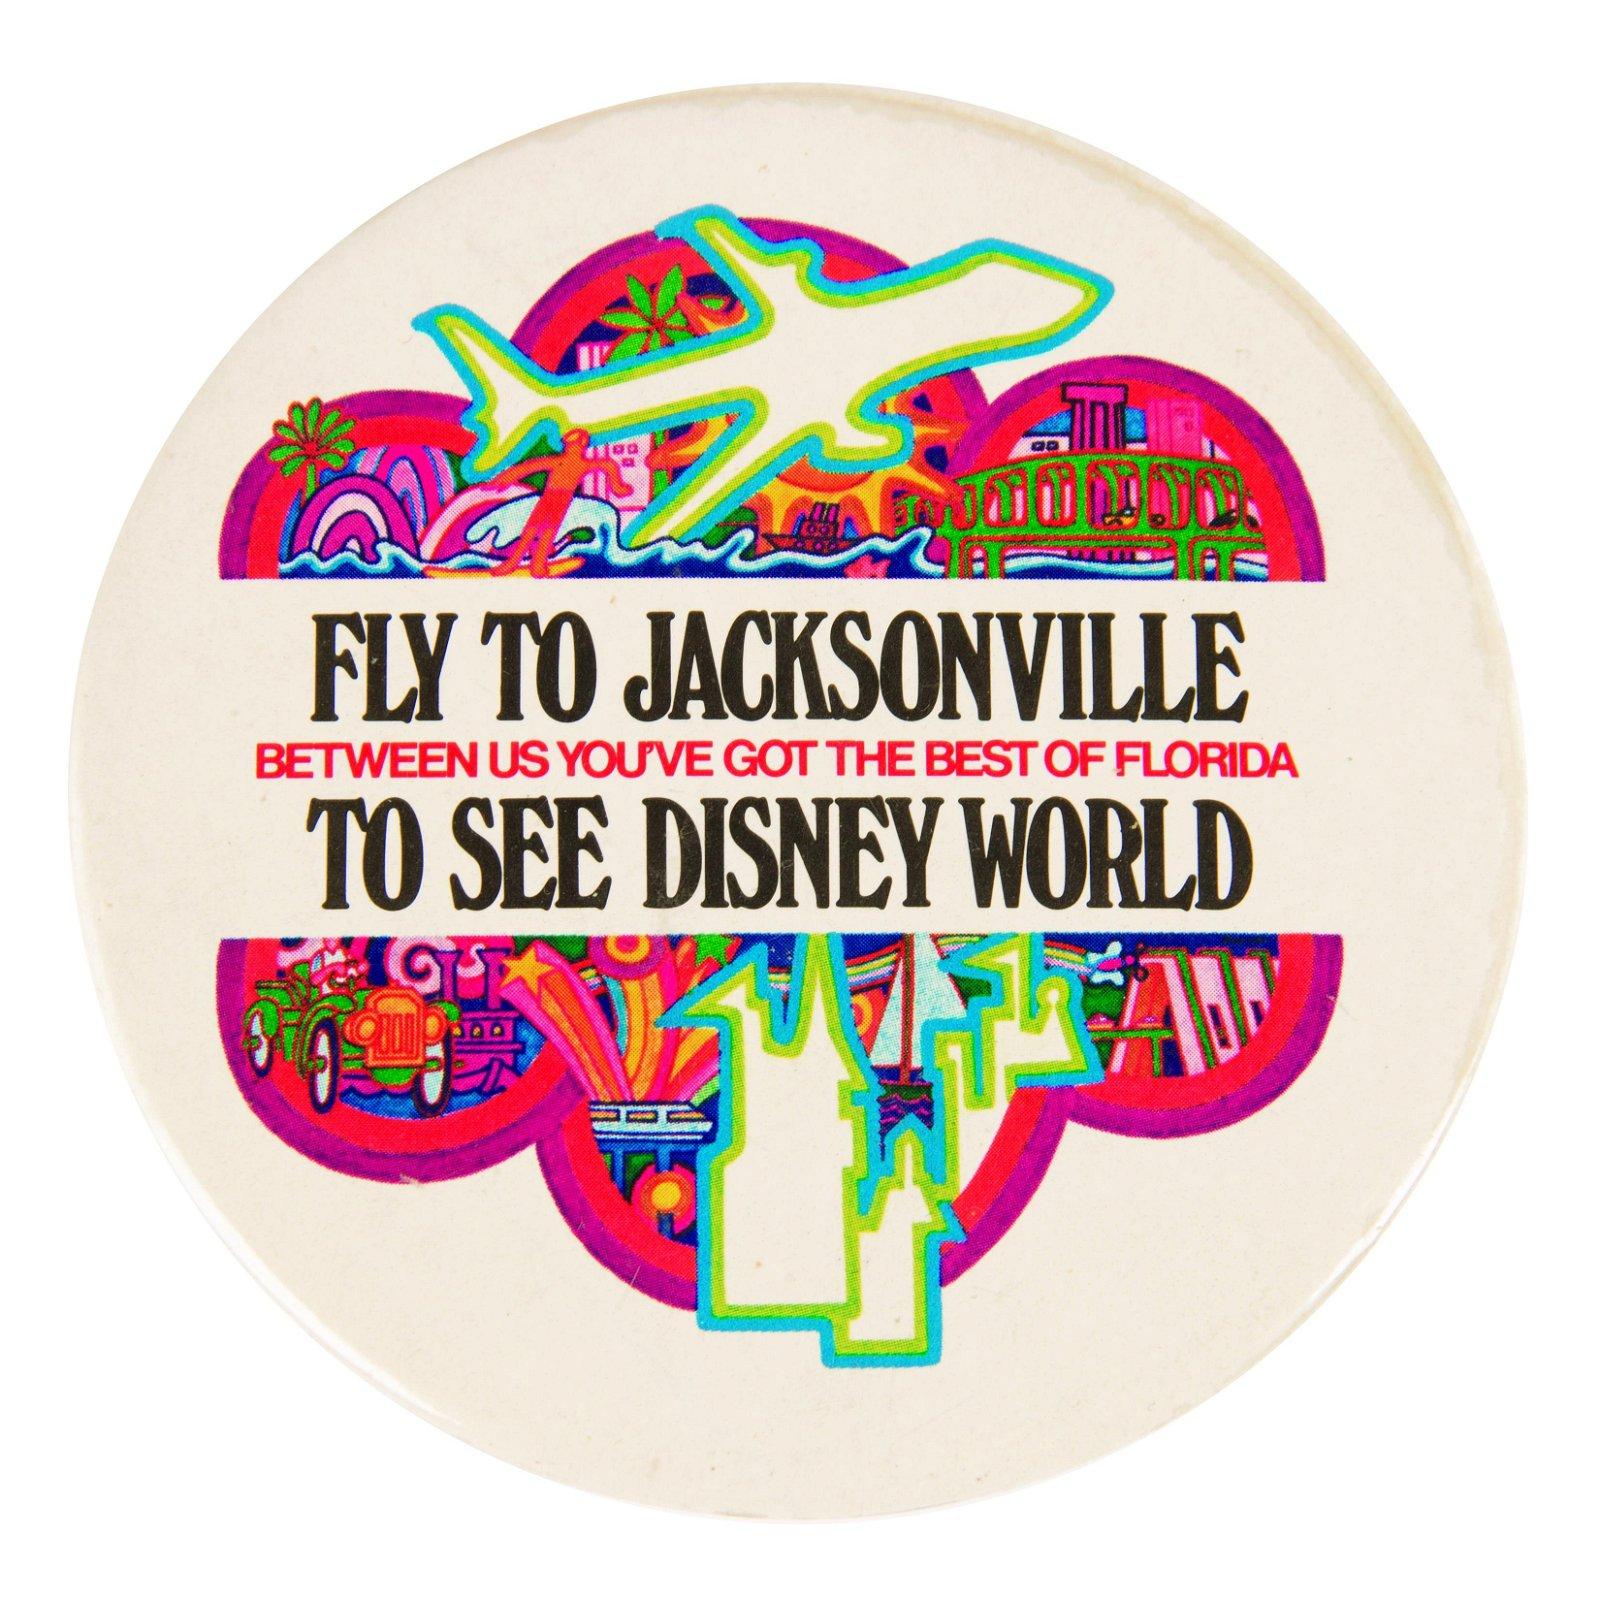 Walt Disney World Airline Promo Button.